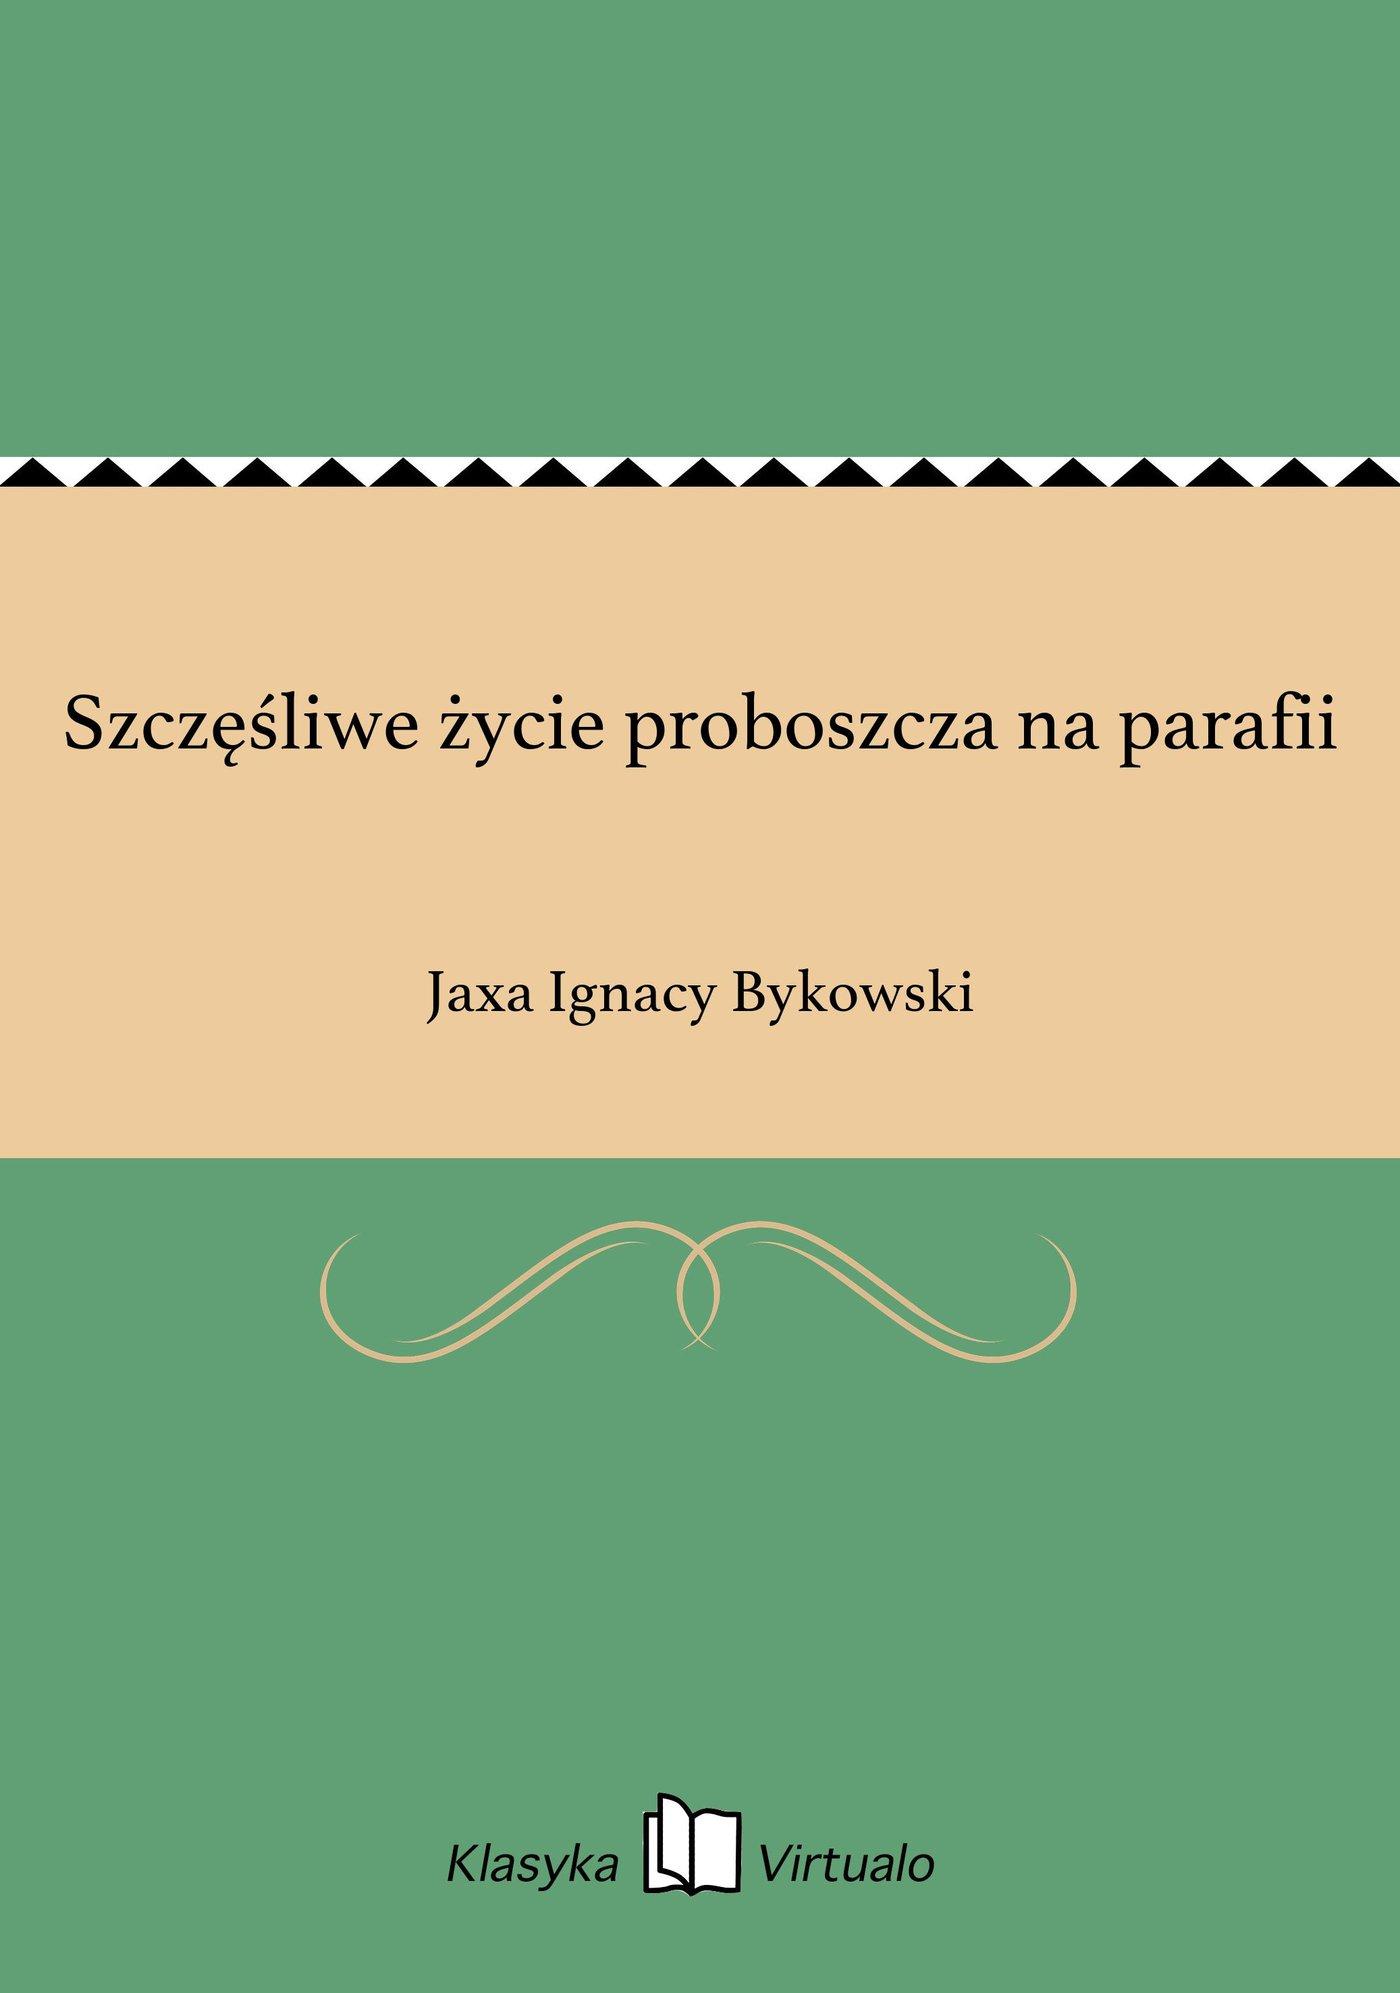 Szczęśliwe życie proboszcza na parafii - Ebook (Książka na Kindle) do pobrania w formacie MOBI